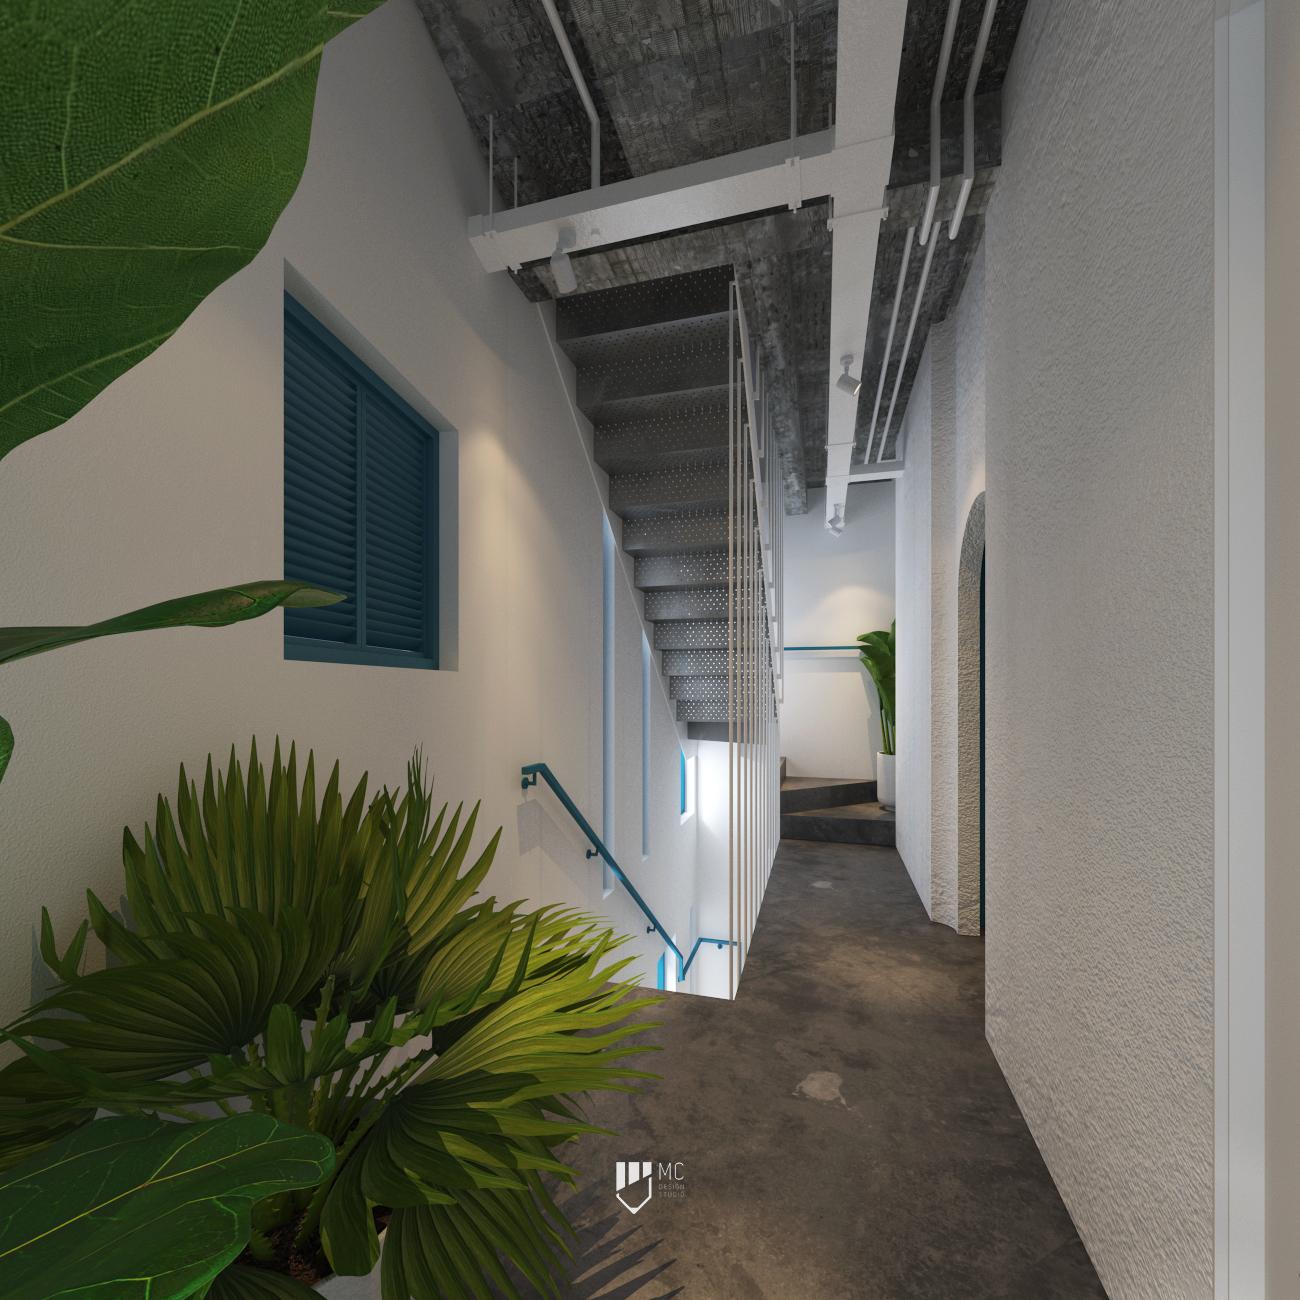 Thiết kế Nhà Mặt Phố tại Hồ Chí Minh T.H.S HOUSE 1588586225 9